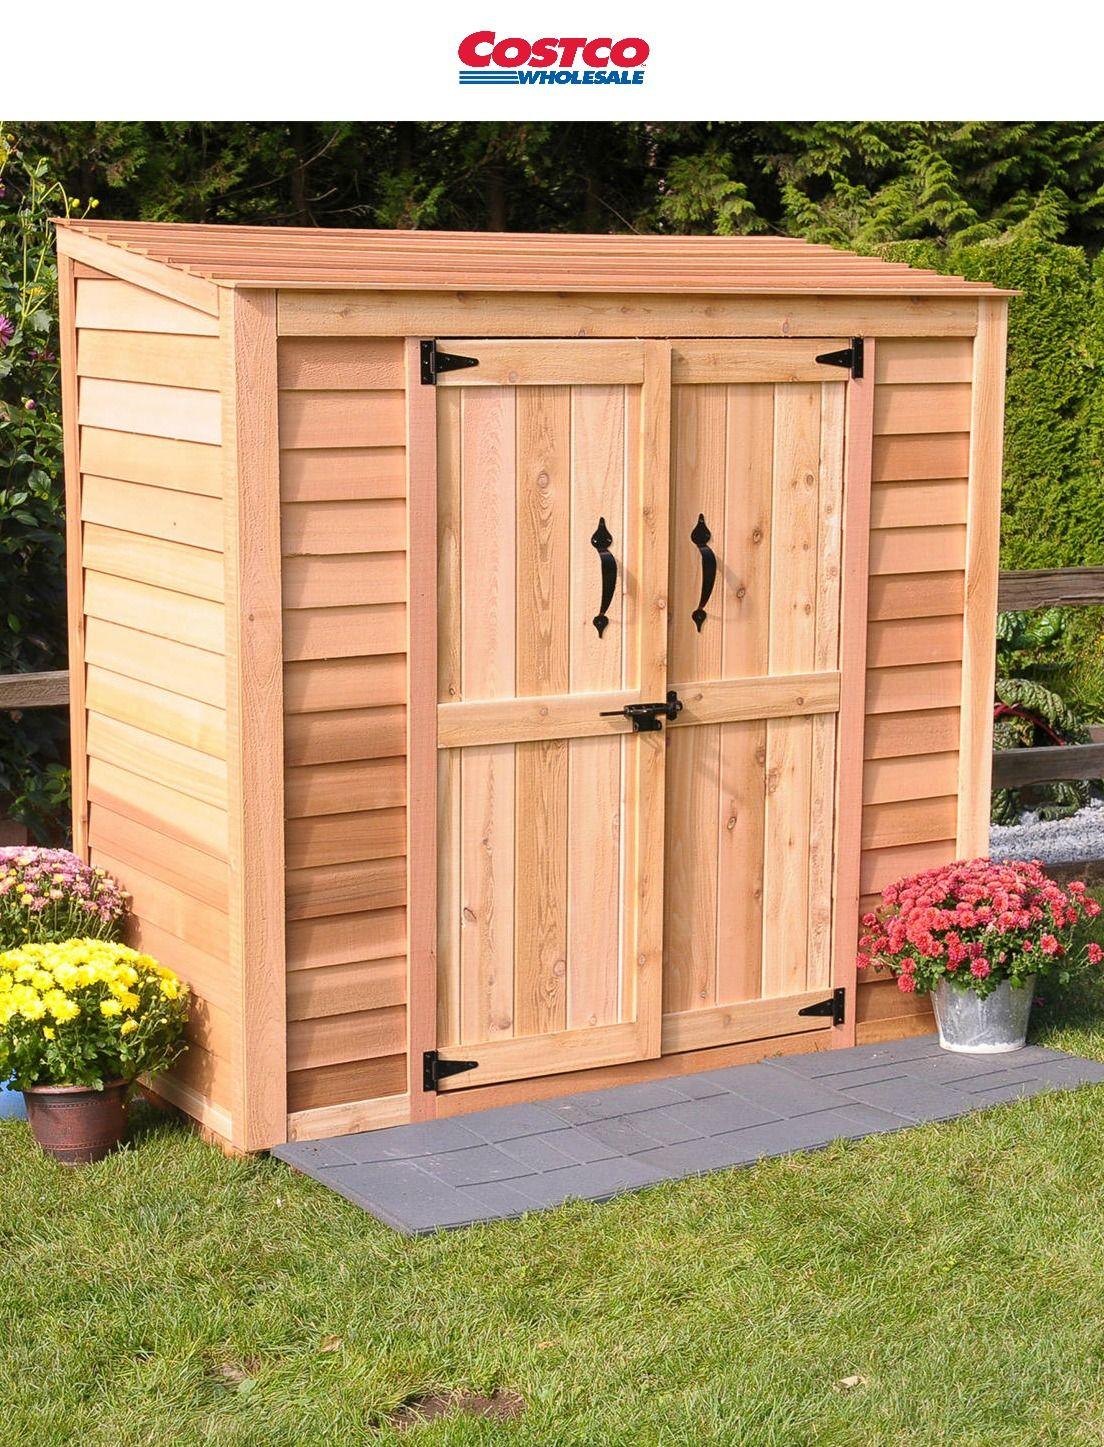 6 X 3 Cedar Garden Storage Shed Shed Storage Garden Storage Shed Outdoor Garden Sheds